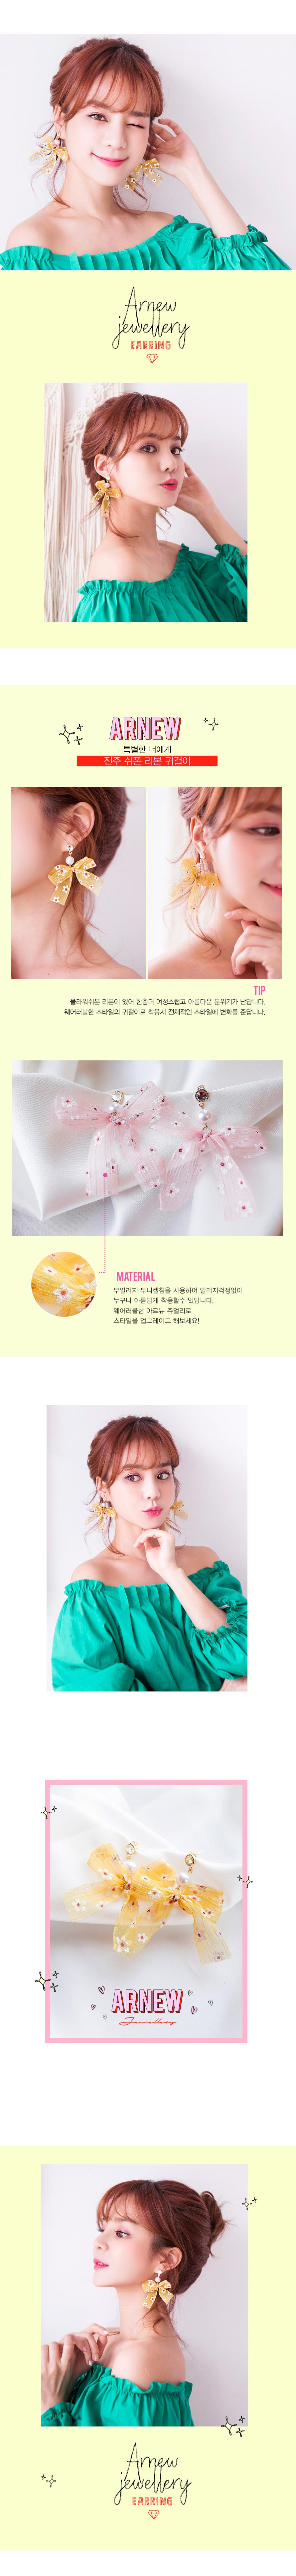 진주 쉬폰 리본 귀걸이 - 아르뉴, 15,000원, 골드, 드롭귀걸이